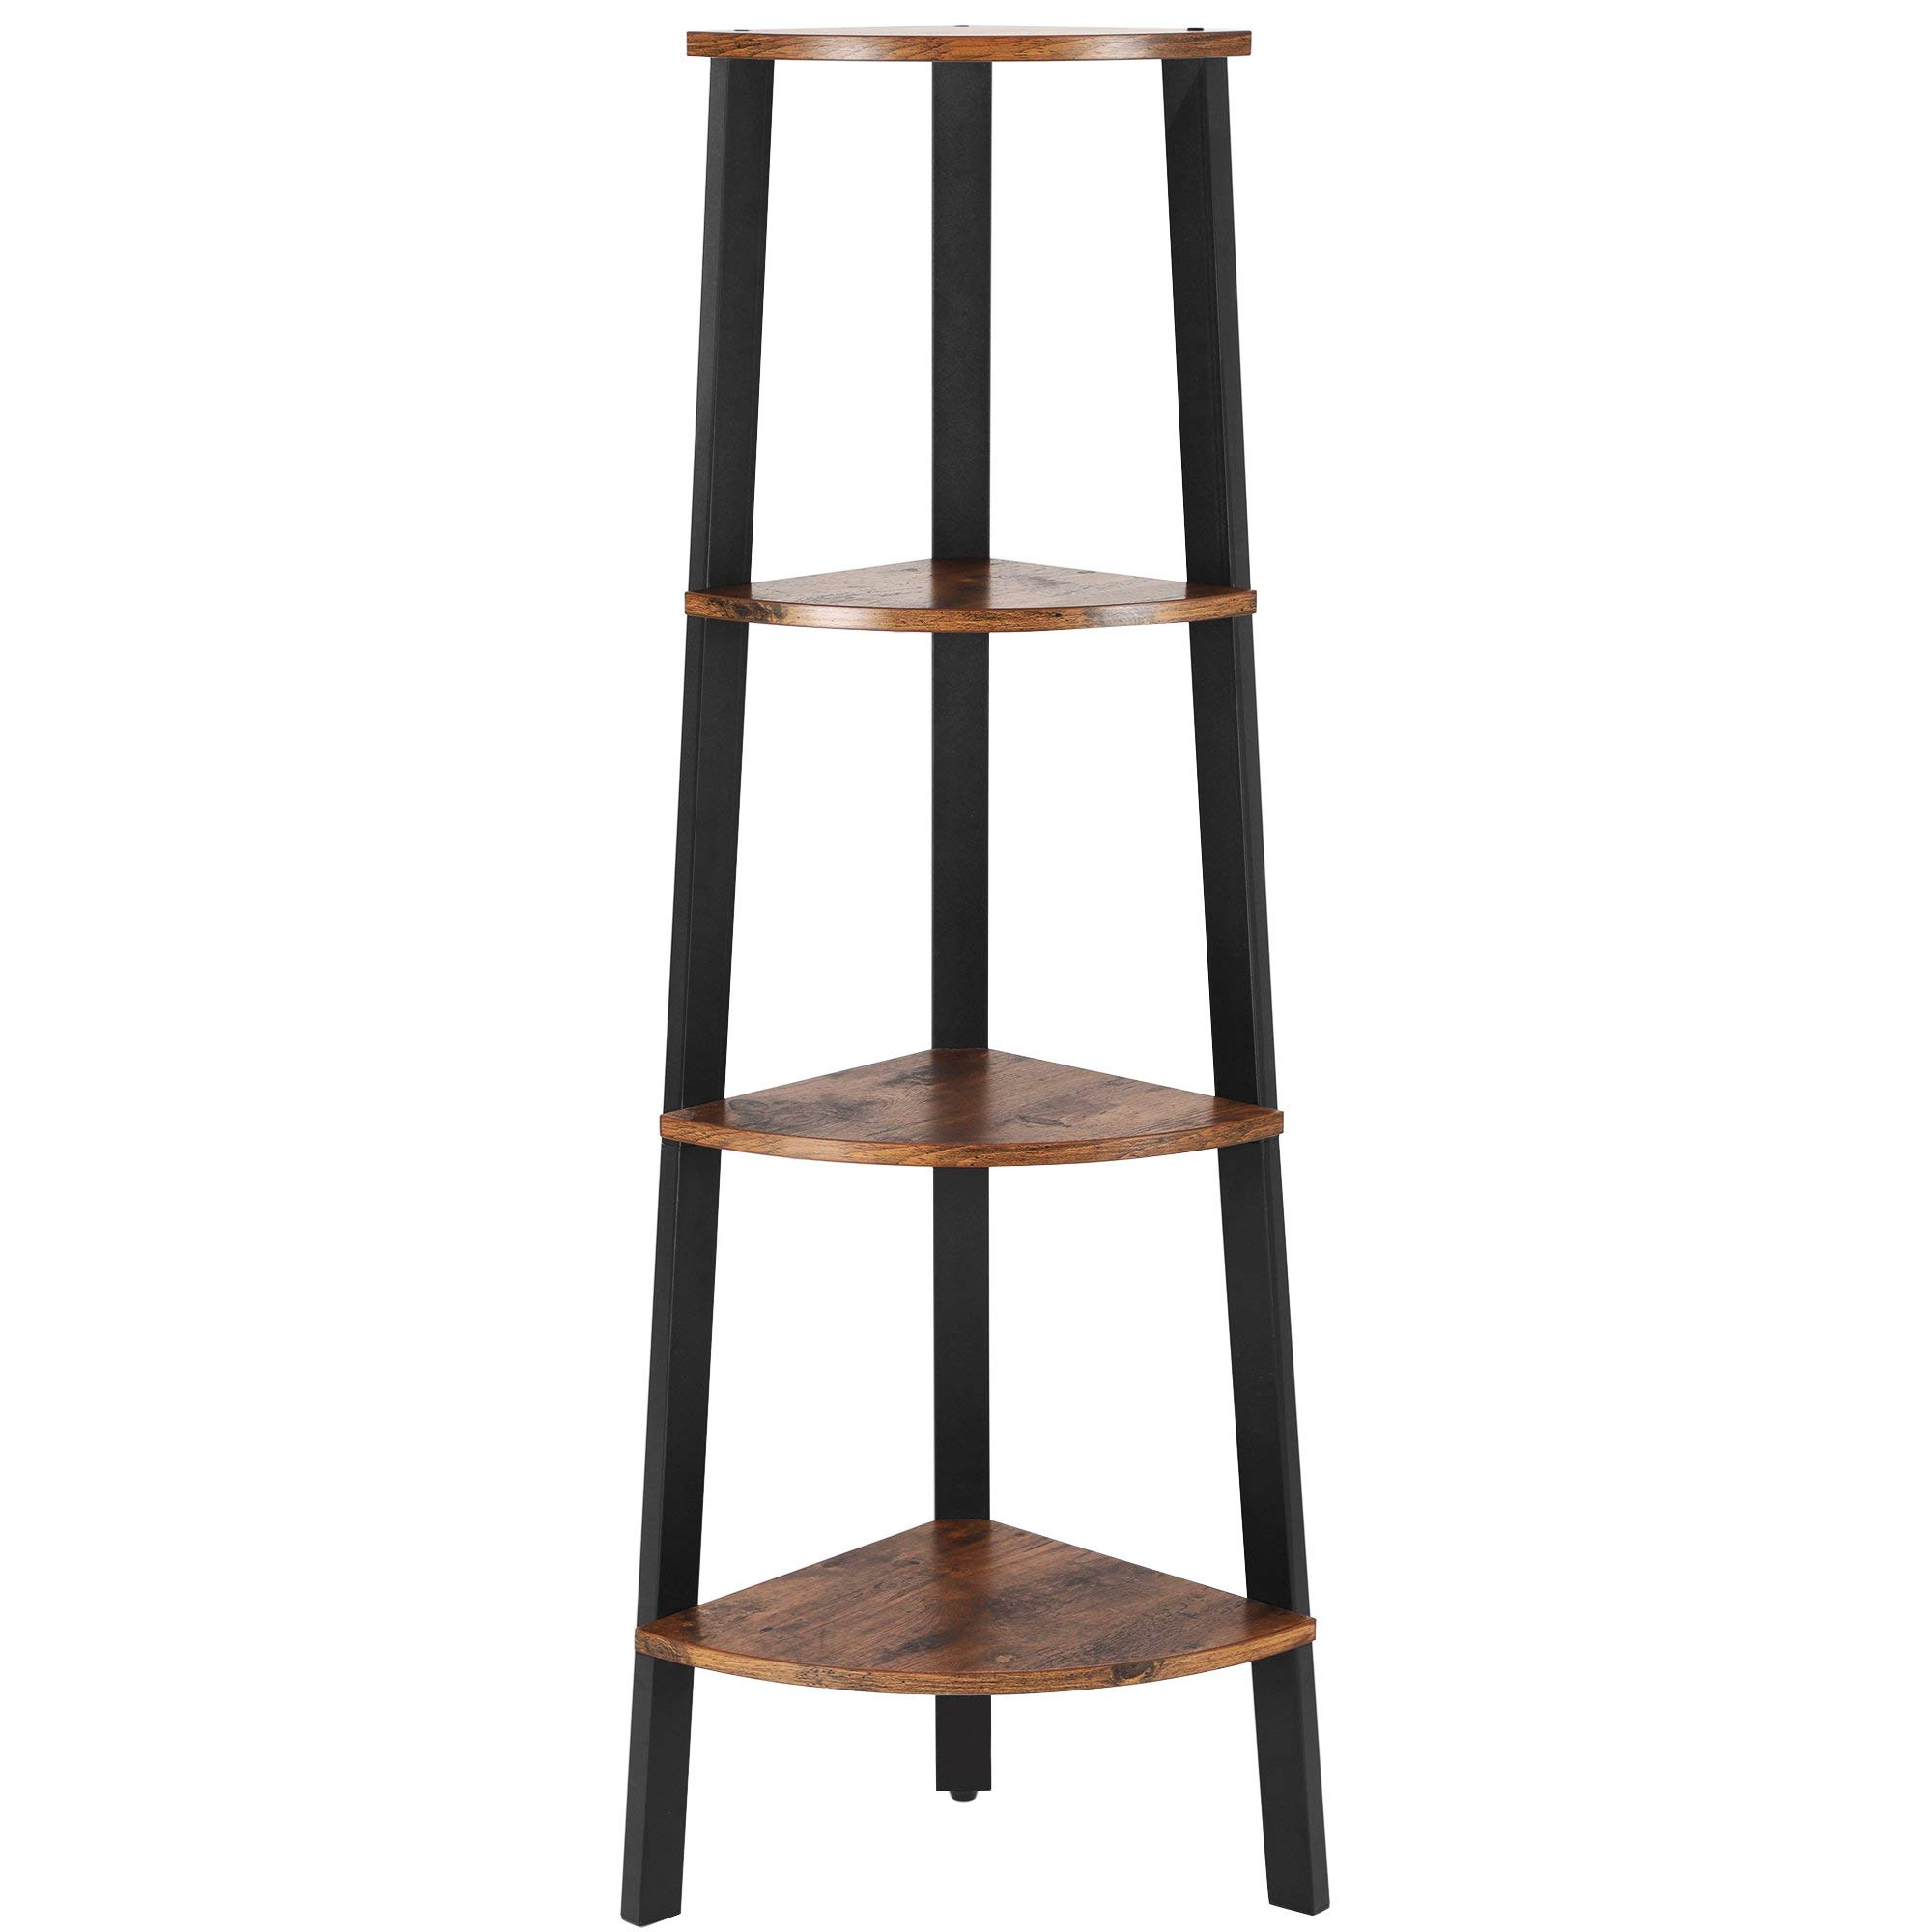 VASAGLE Estantería de Esquina Industrial, estantería con 4 Niveles en Forma de Escalera para el hogar y el Estudio, estantes de Almacenamiento de pie (Color granulado): Amazon.es: Hogar